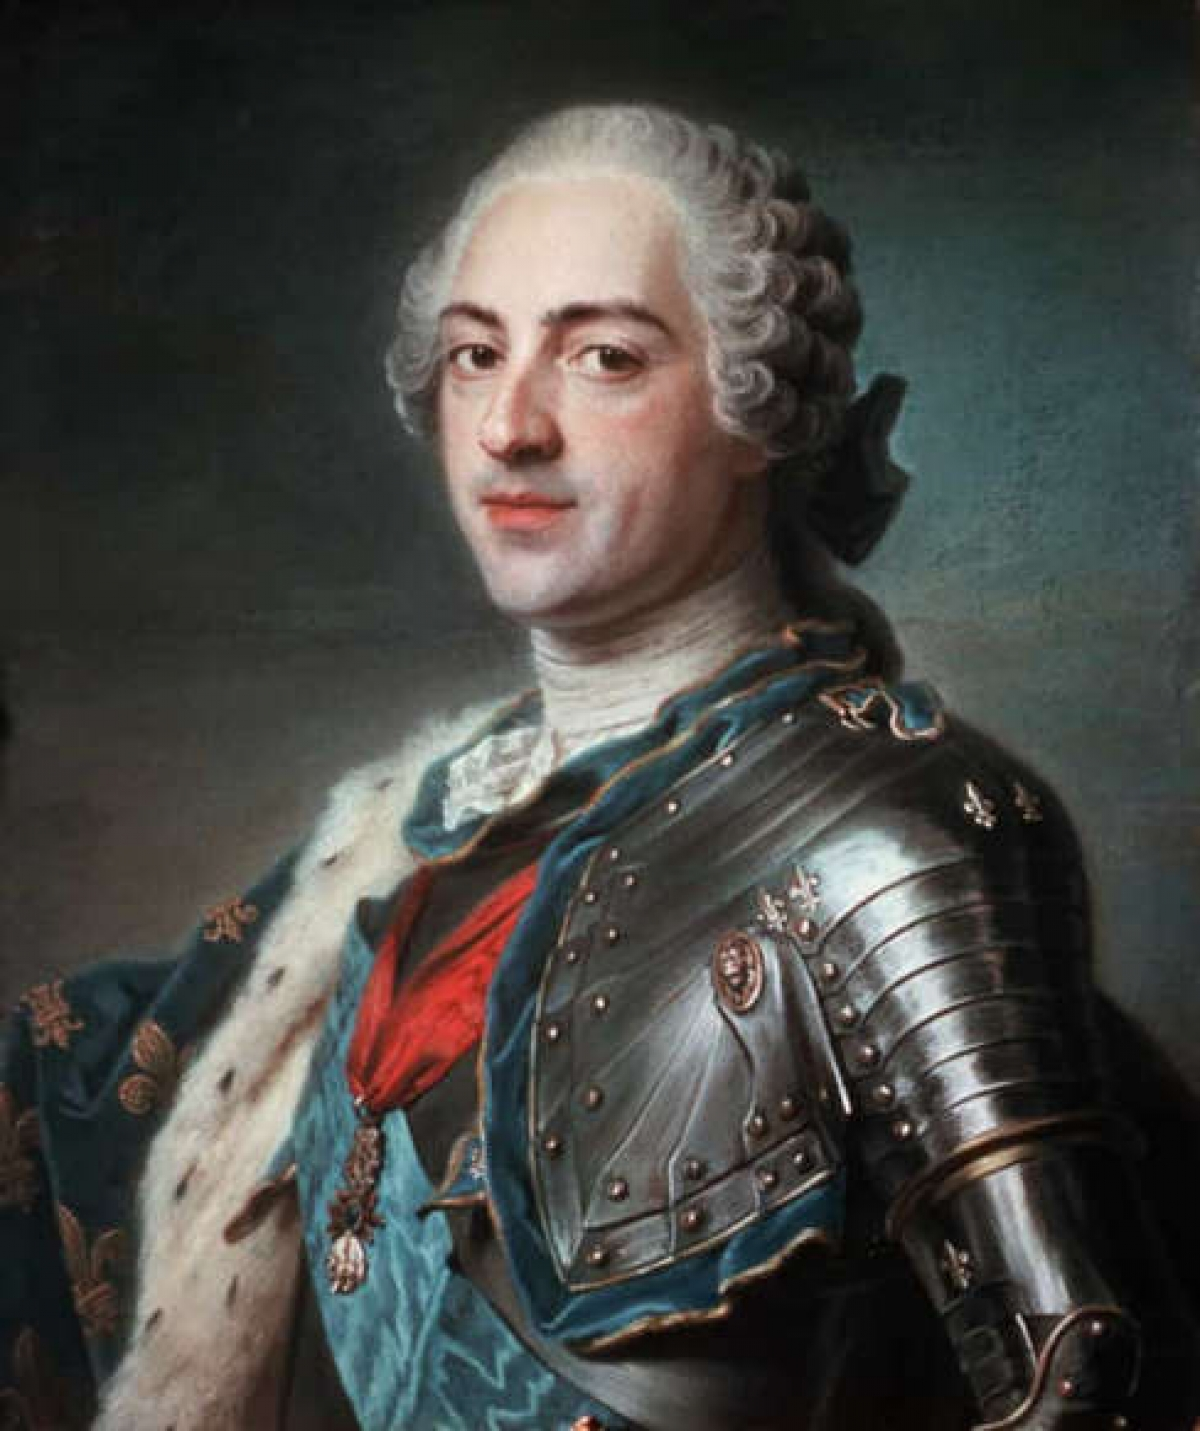 Vua Louis XV.Louis XV giữ tước hiệuVua của Pháptừ1/9/1715cho đến khi ông qua đời năm1774.Thời gian cai trị của ông kéo dài 58 năm, đứng thứ hai trong lịch sử của Pháp chỉ sau Vua Louis XIV.